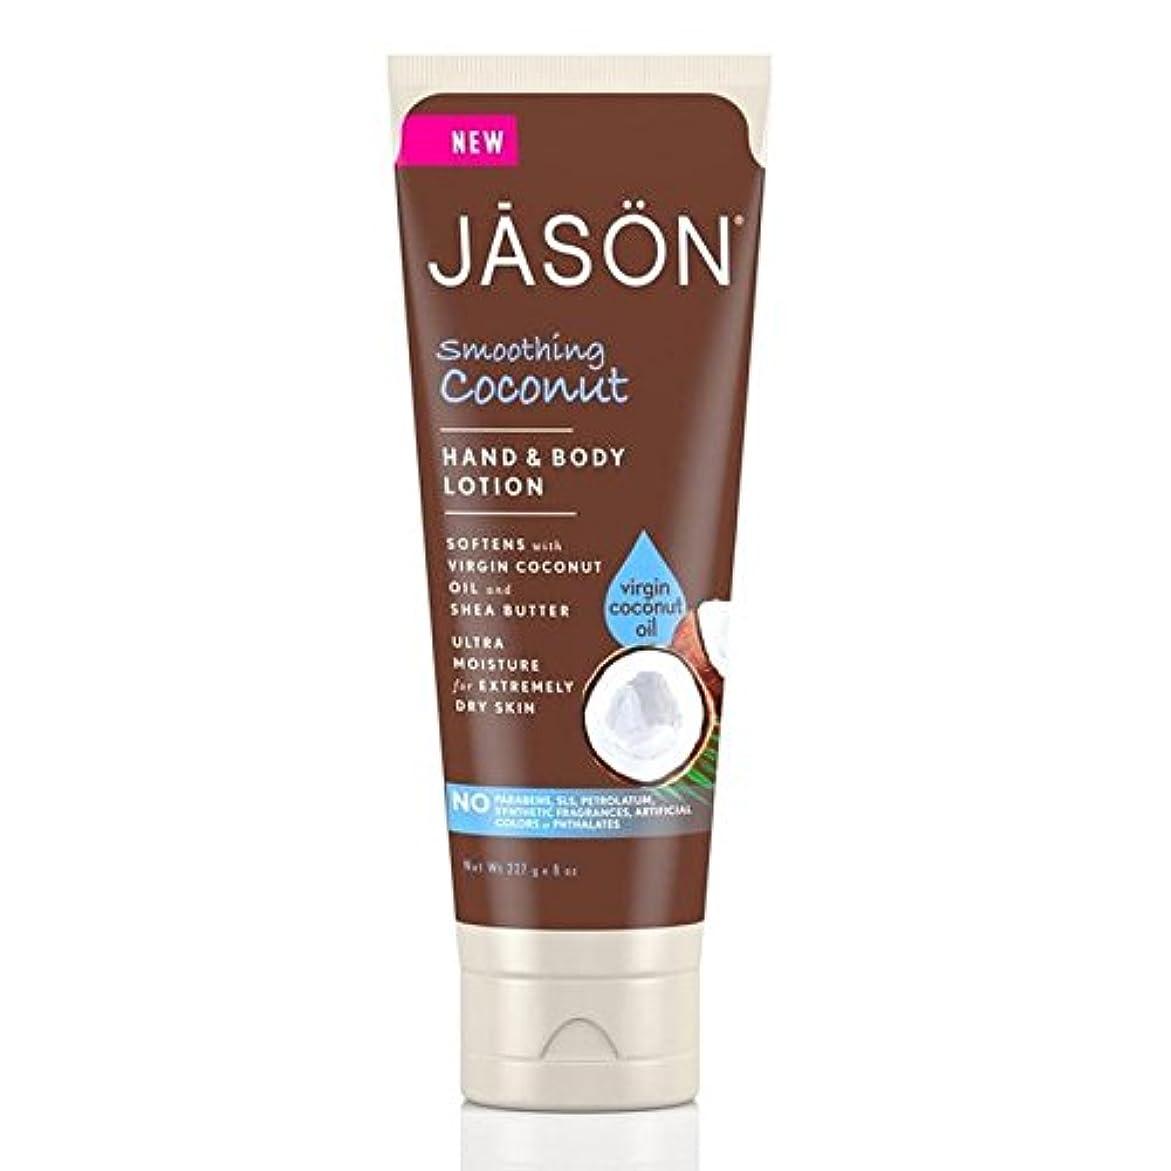 コンパクト罰する未来Jason Coconut Hand & Body Lotion 227g - ジェイソン?ココナッツハンド&ボディローション227グラム [並行輸入品]